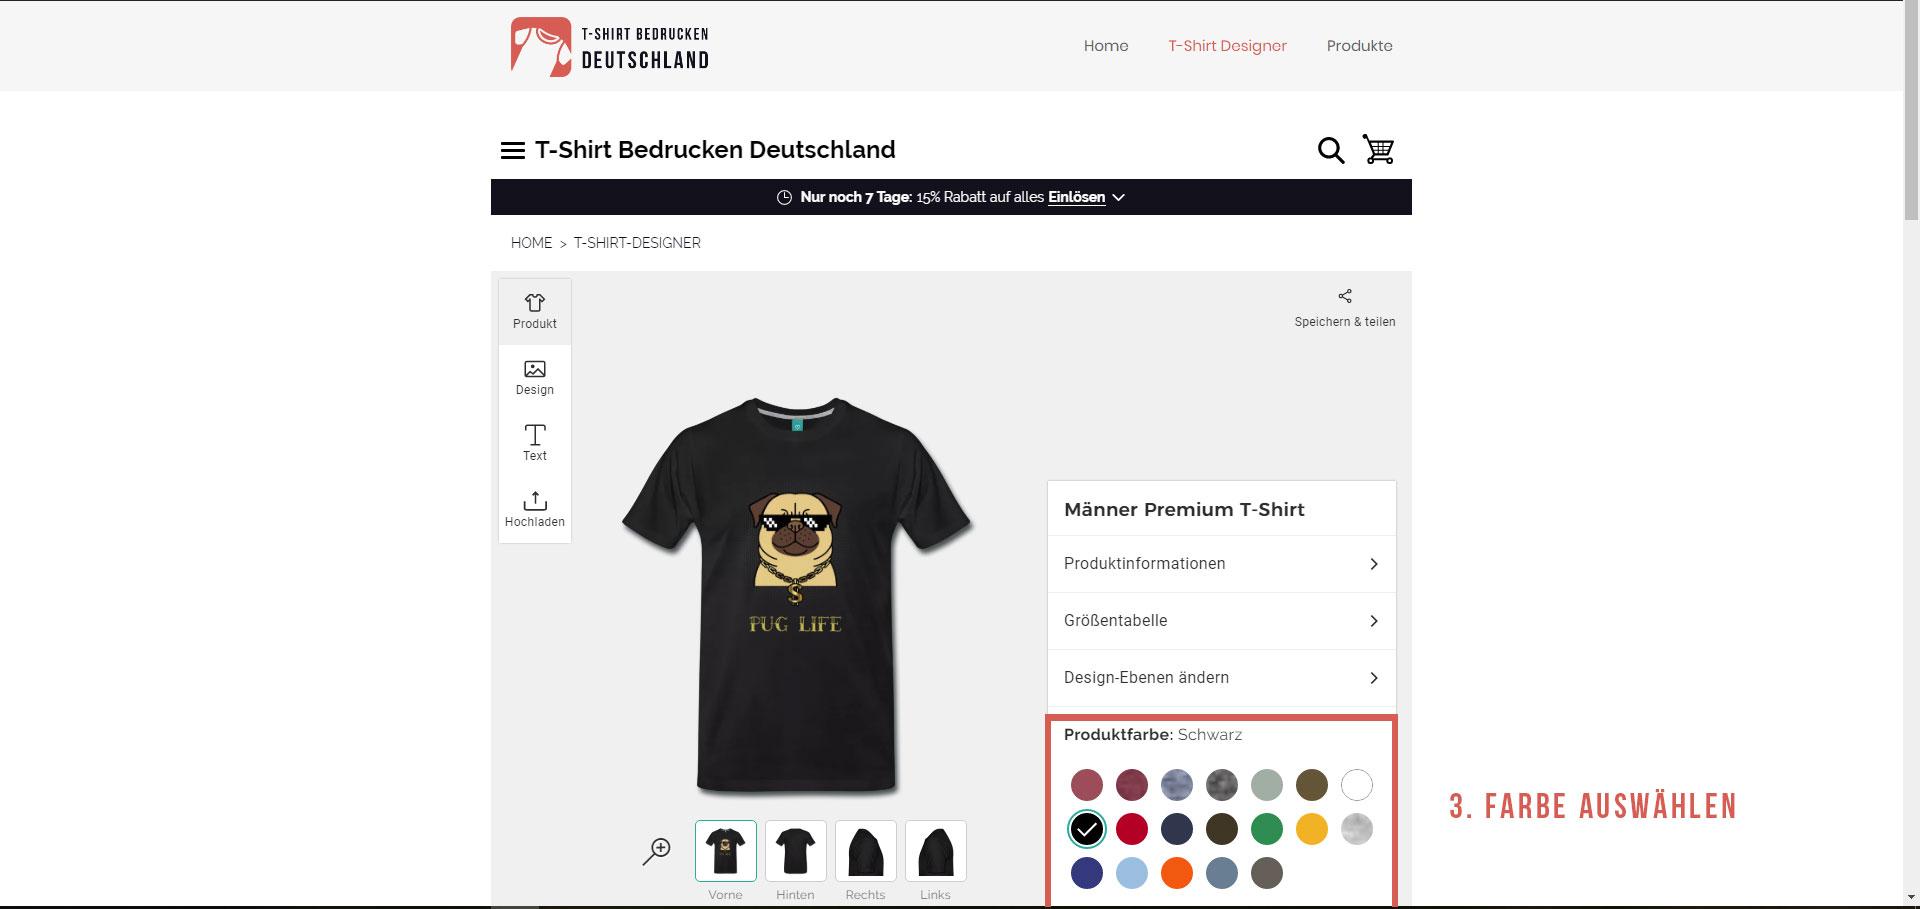 Anleitung - T-Shirt Druck in Deutschland - Farbe auswählen